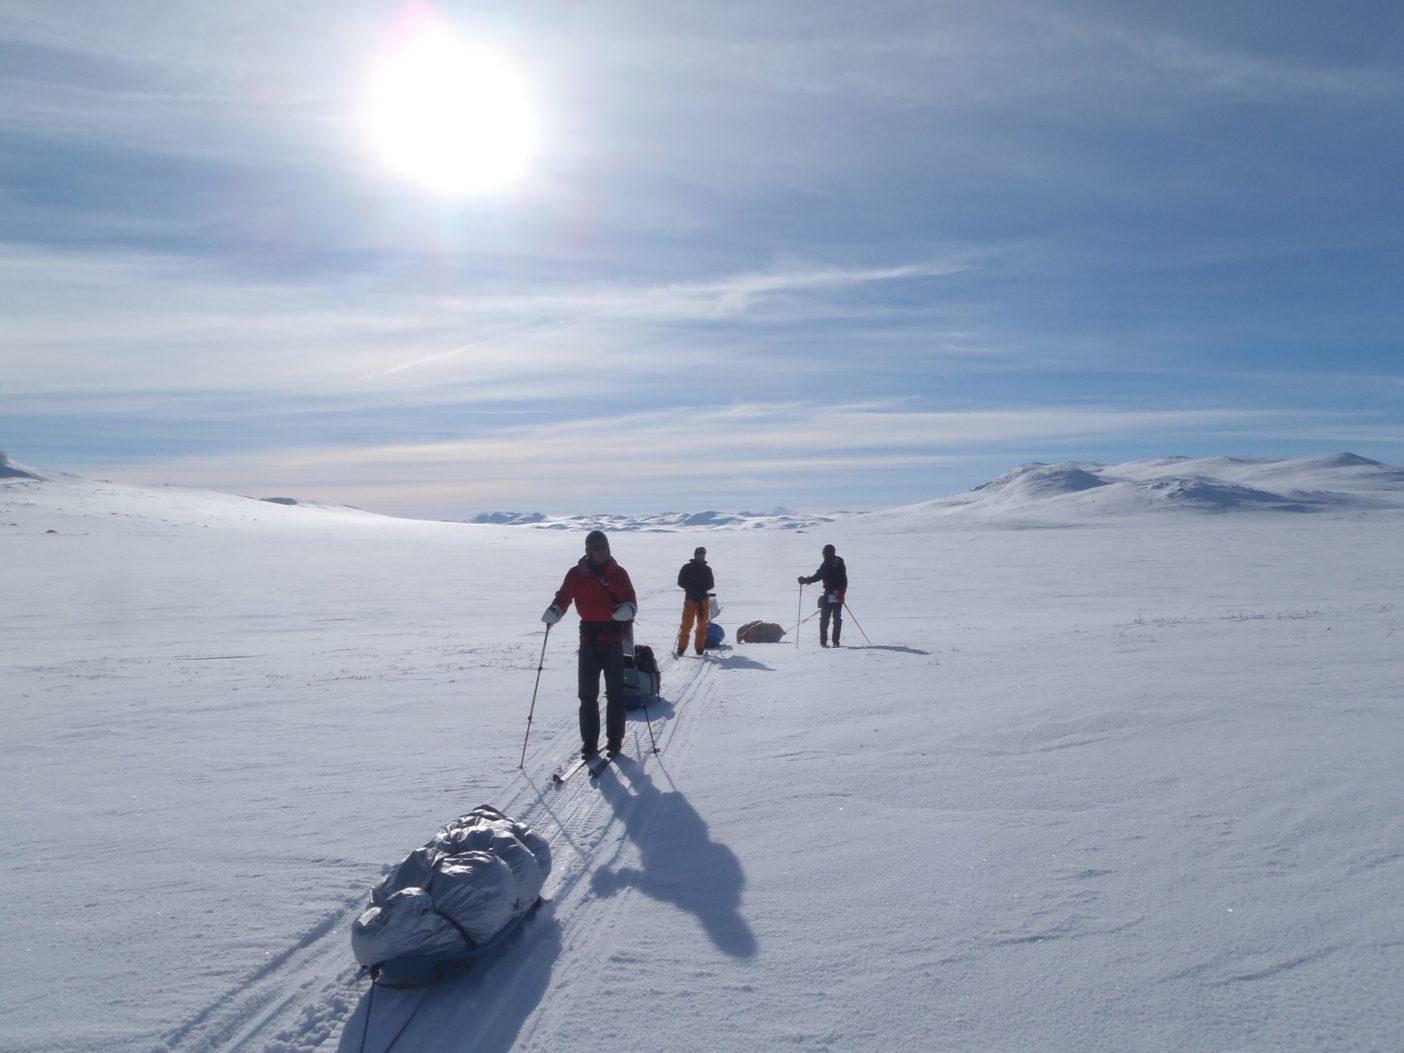 高原に上がったところ。天候、視界、雪質すべて良好